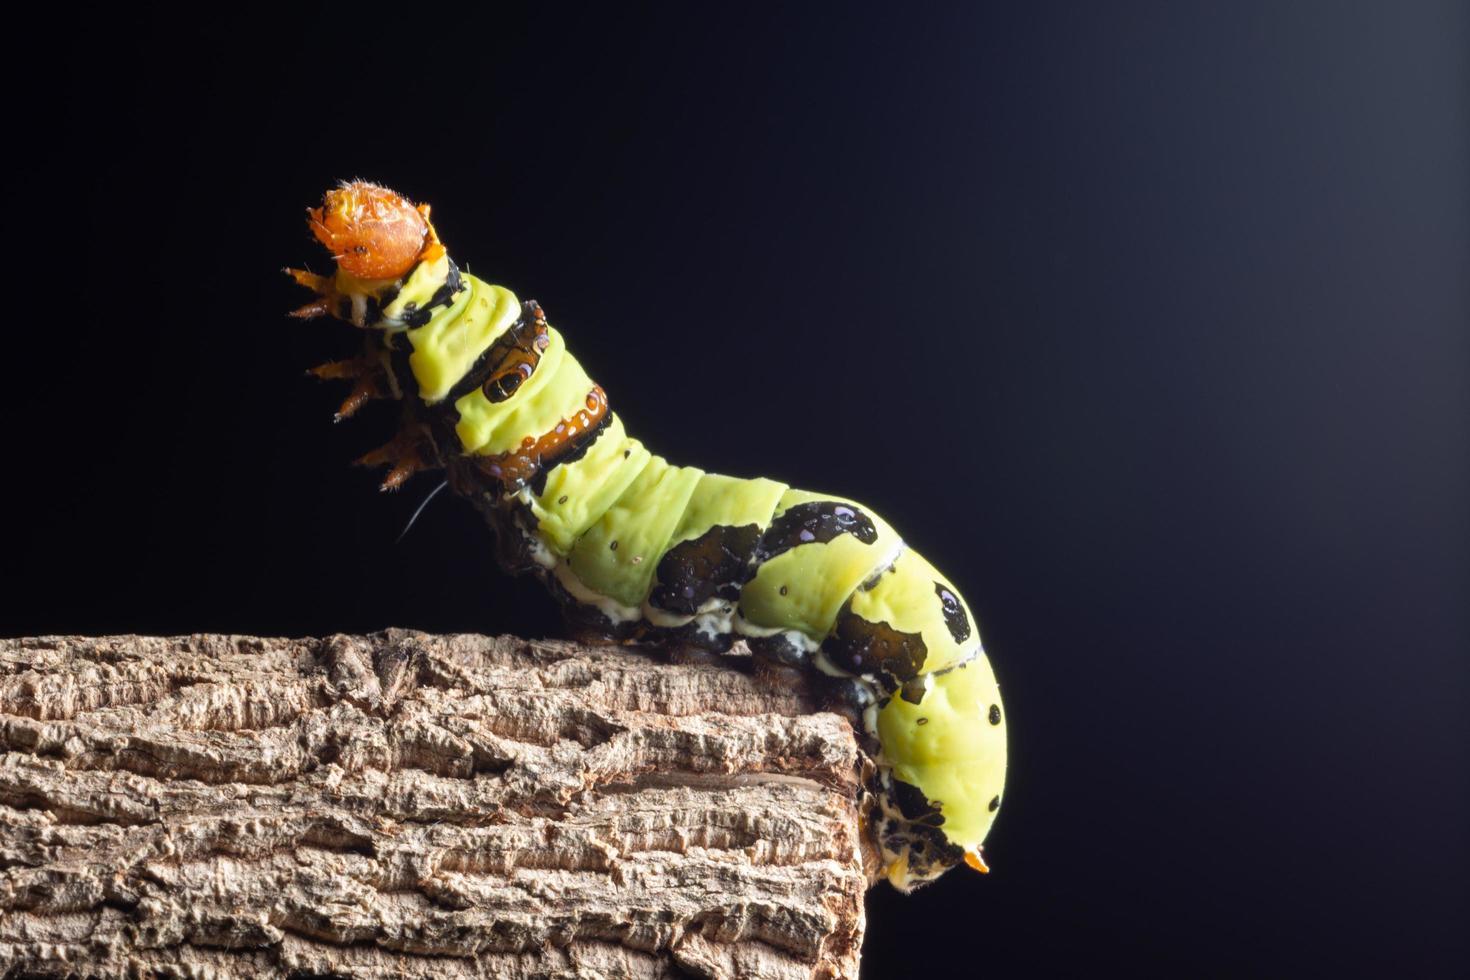 Wurm auf einem Ast foto